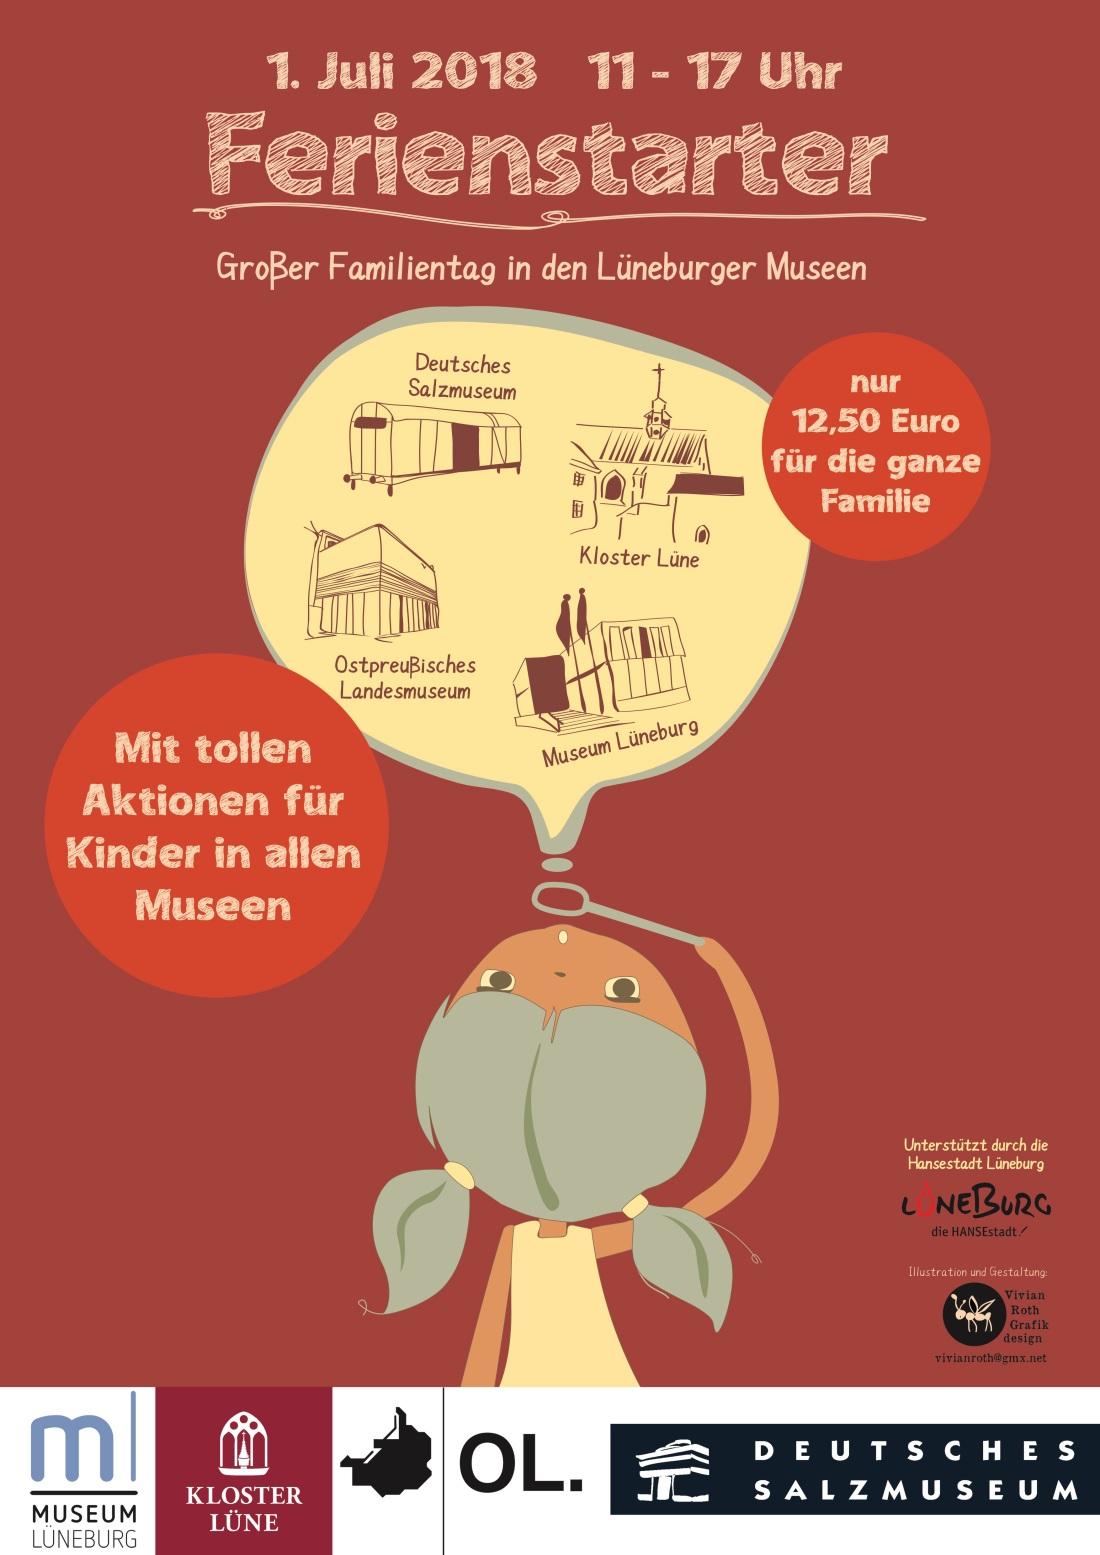 Ferienstarter 2018_Lüneburger Museen_Plakat